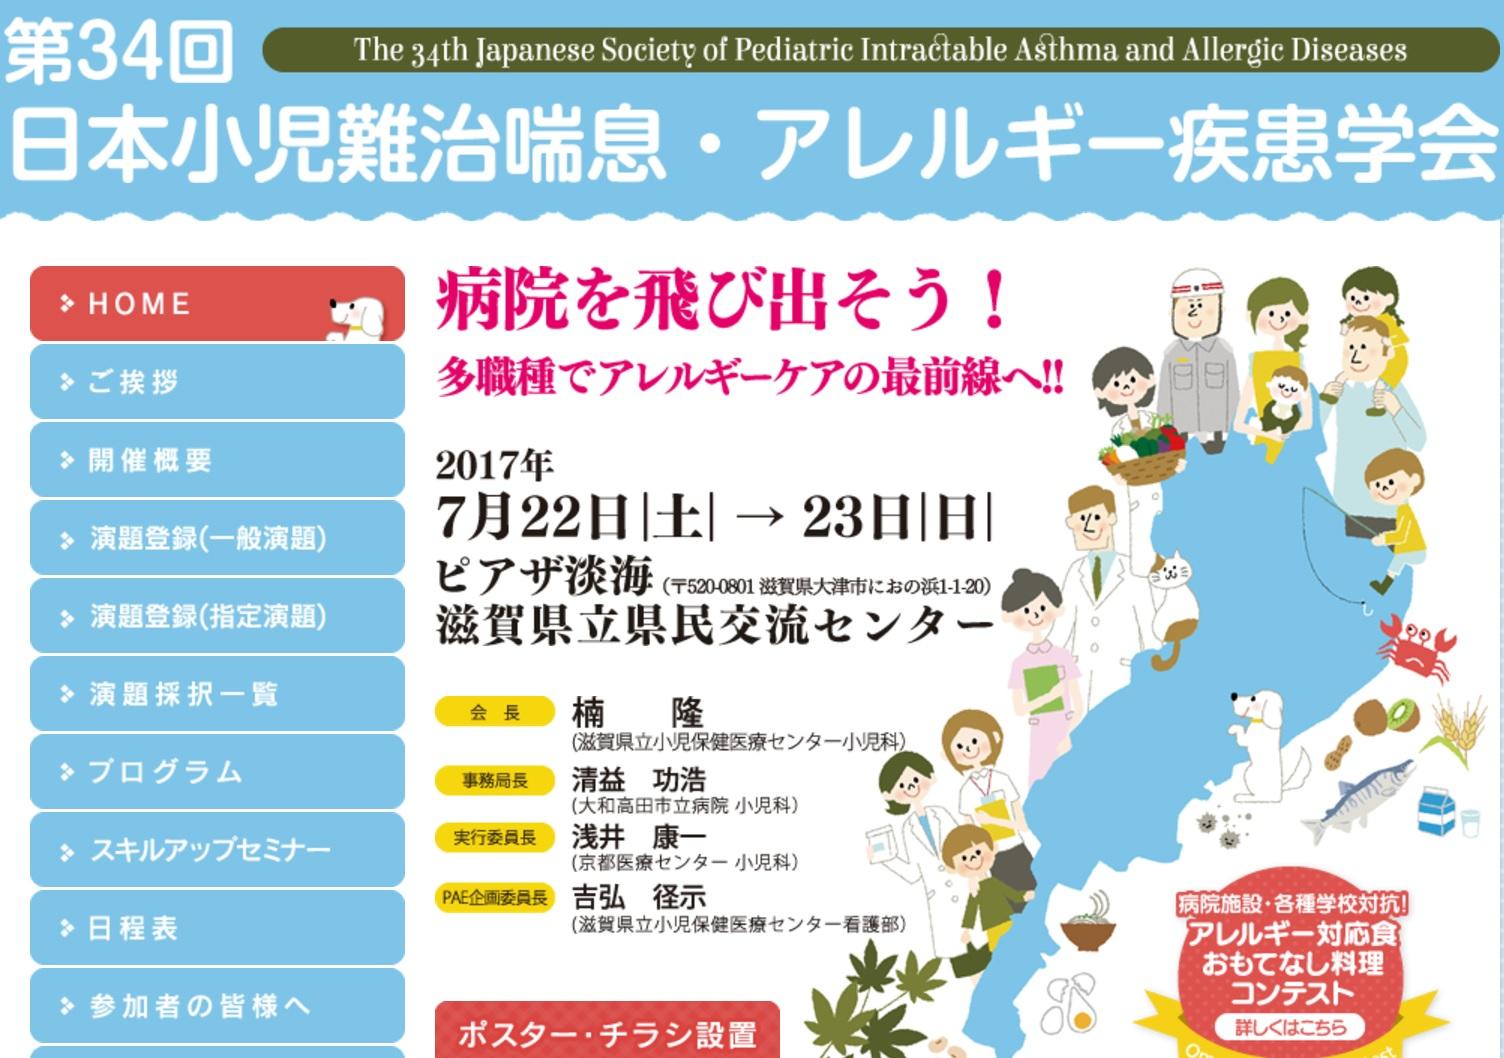 第34回 日本小児難治喘息・アレルギー疾患学会